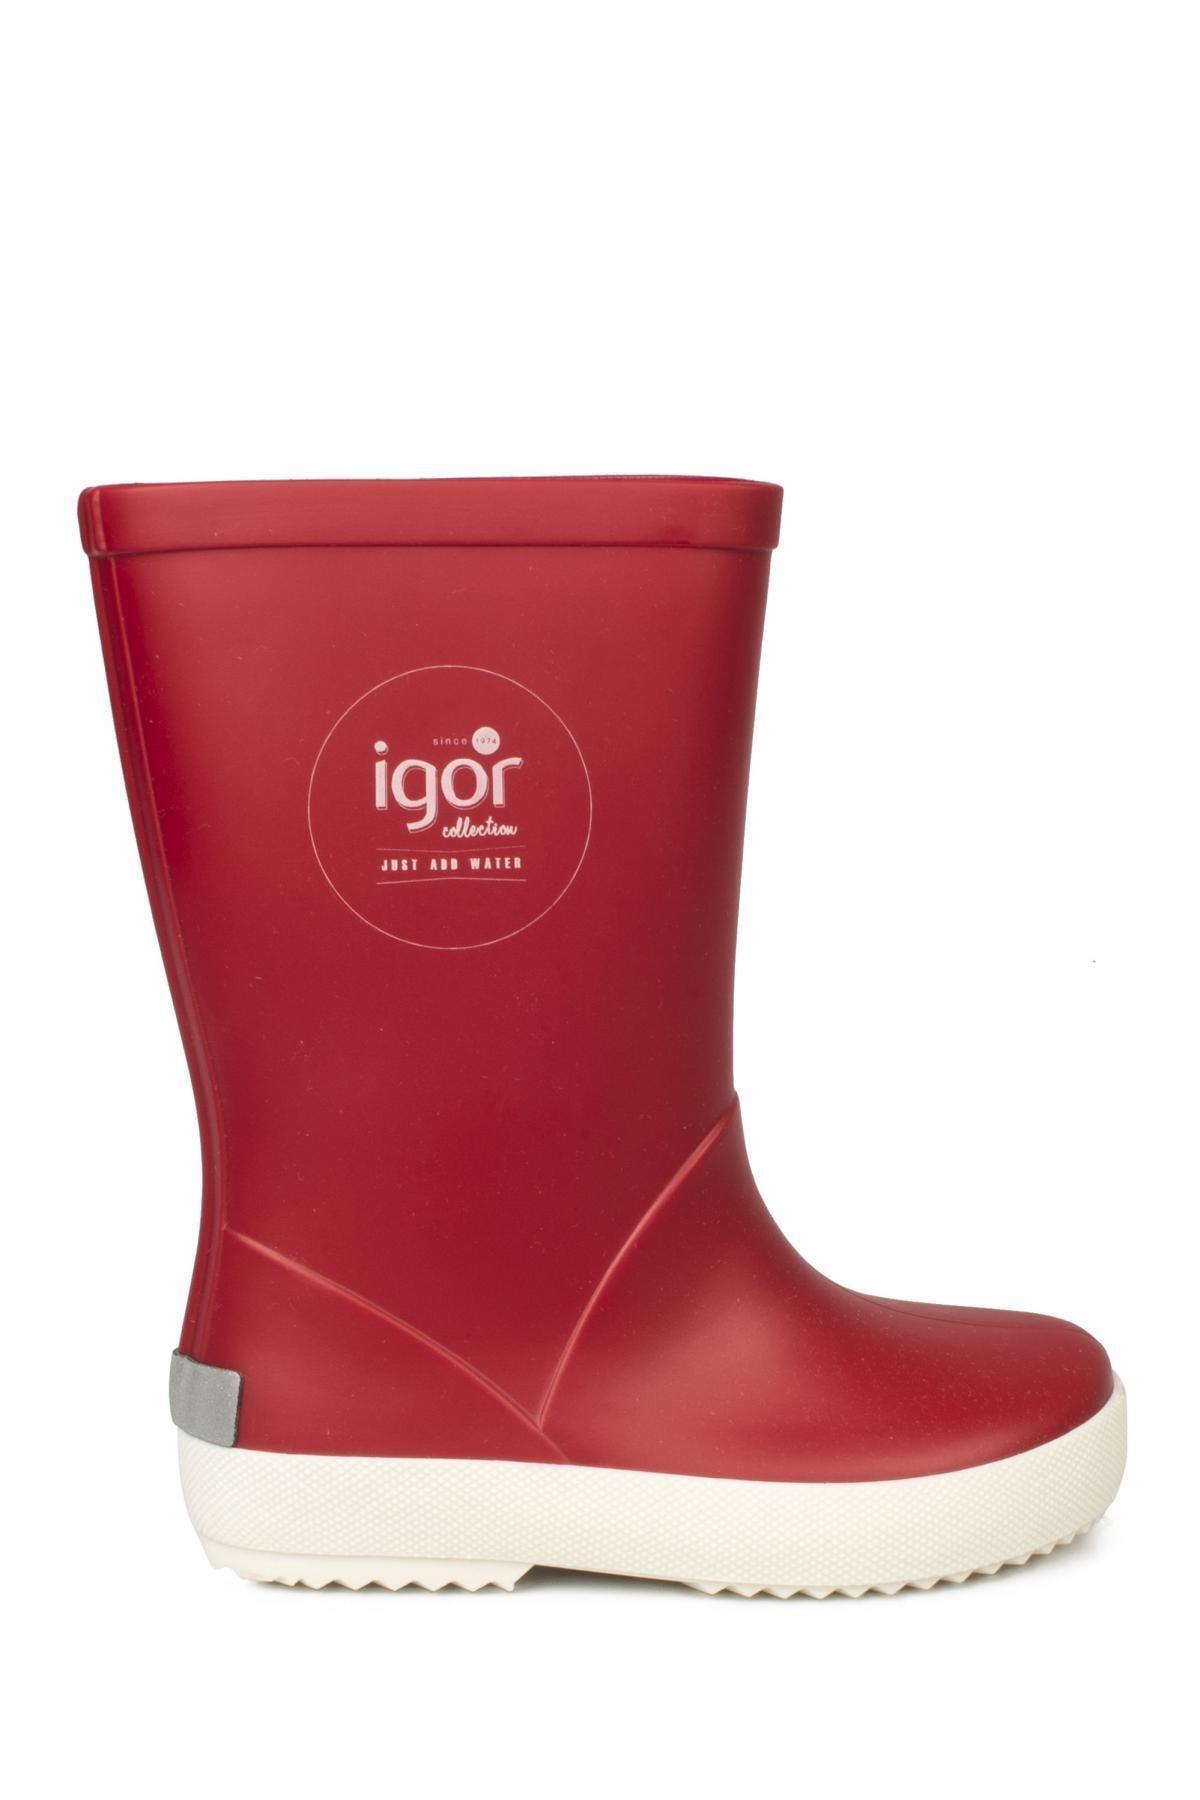 IGOR SPLASH NAUTICO Kırmızı Unisex Çocuk Yağmur Çizmesi 100317971 2